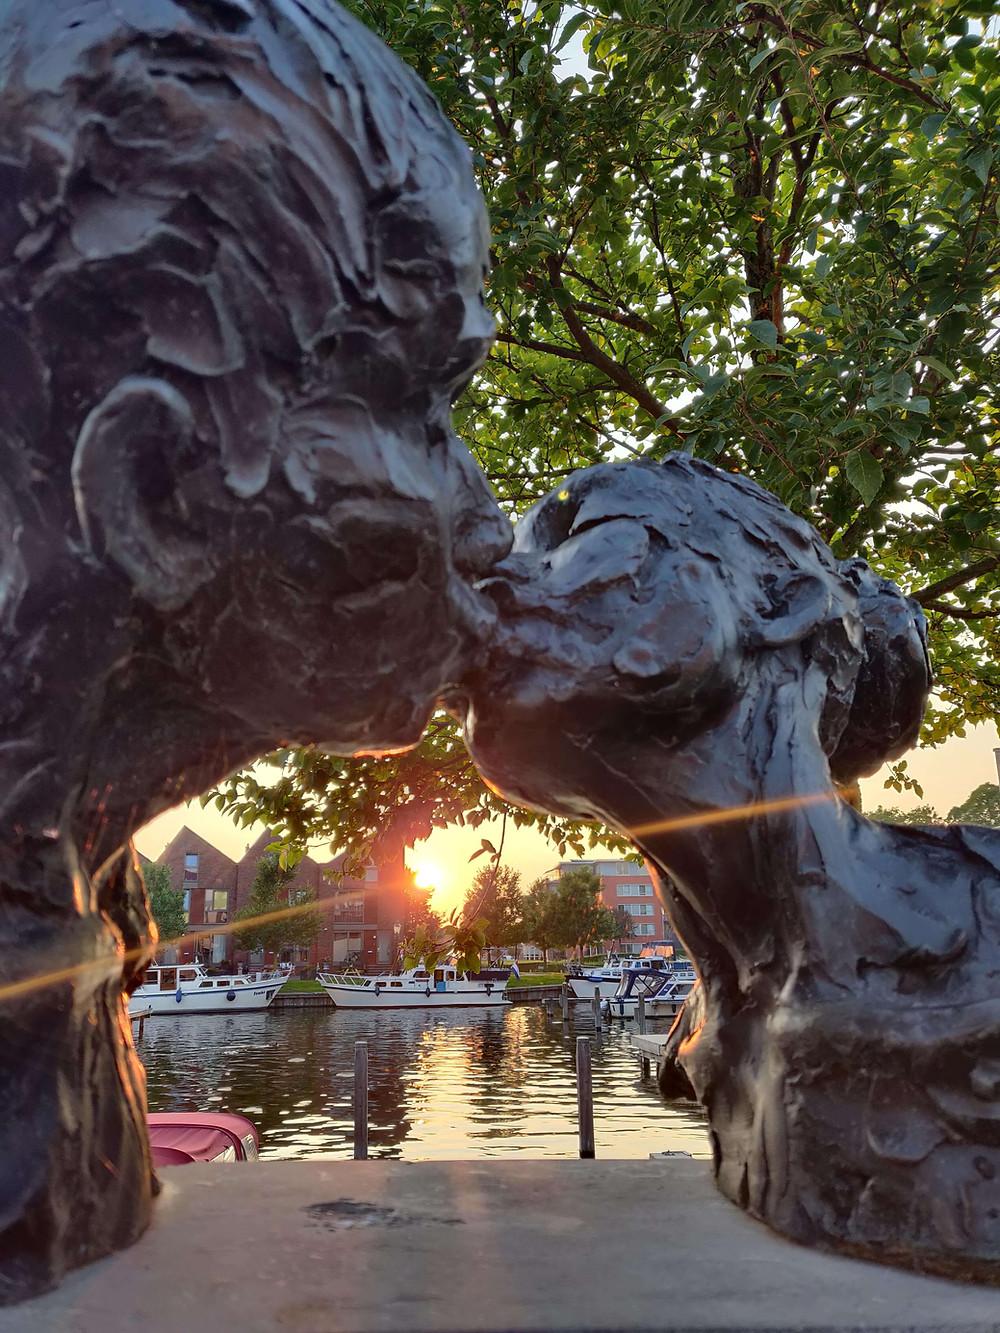 פסל של זוג מתנשק וברקע הנמל